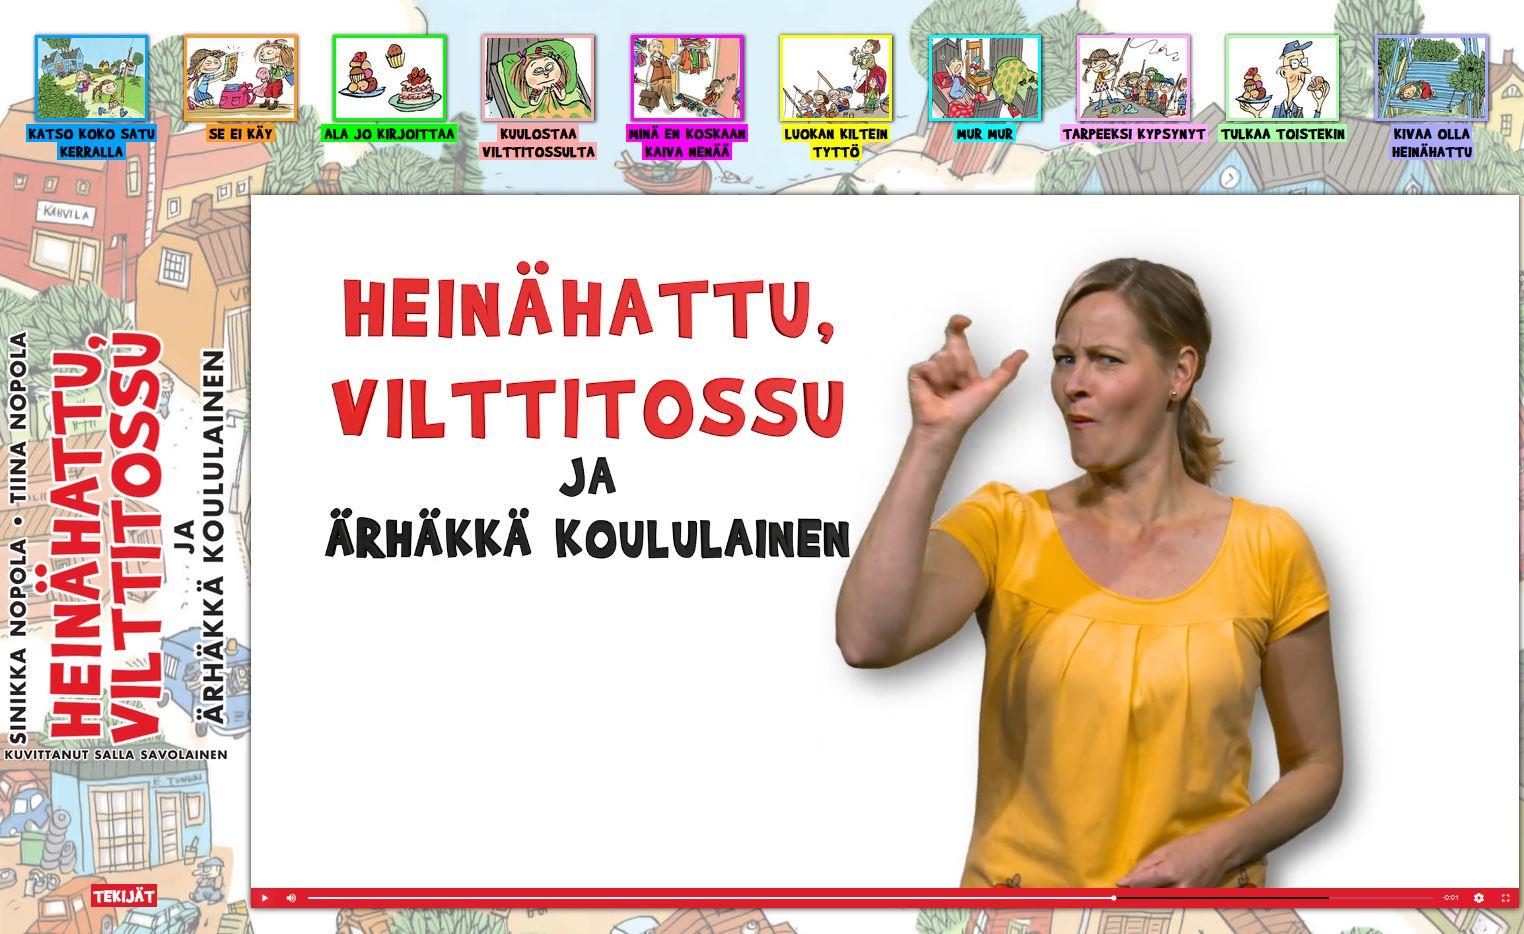 Keltapaitainen nainen viittomassa, ympärillä kirjan kuvistusta piirroskuvina.